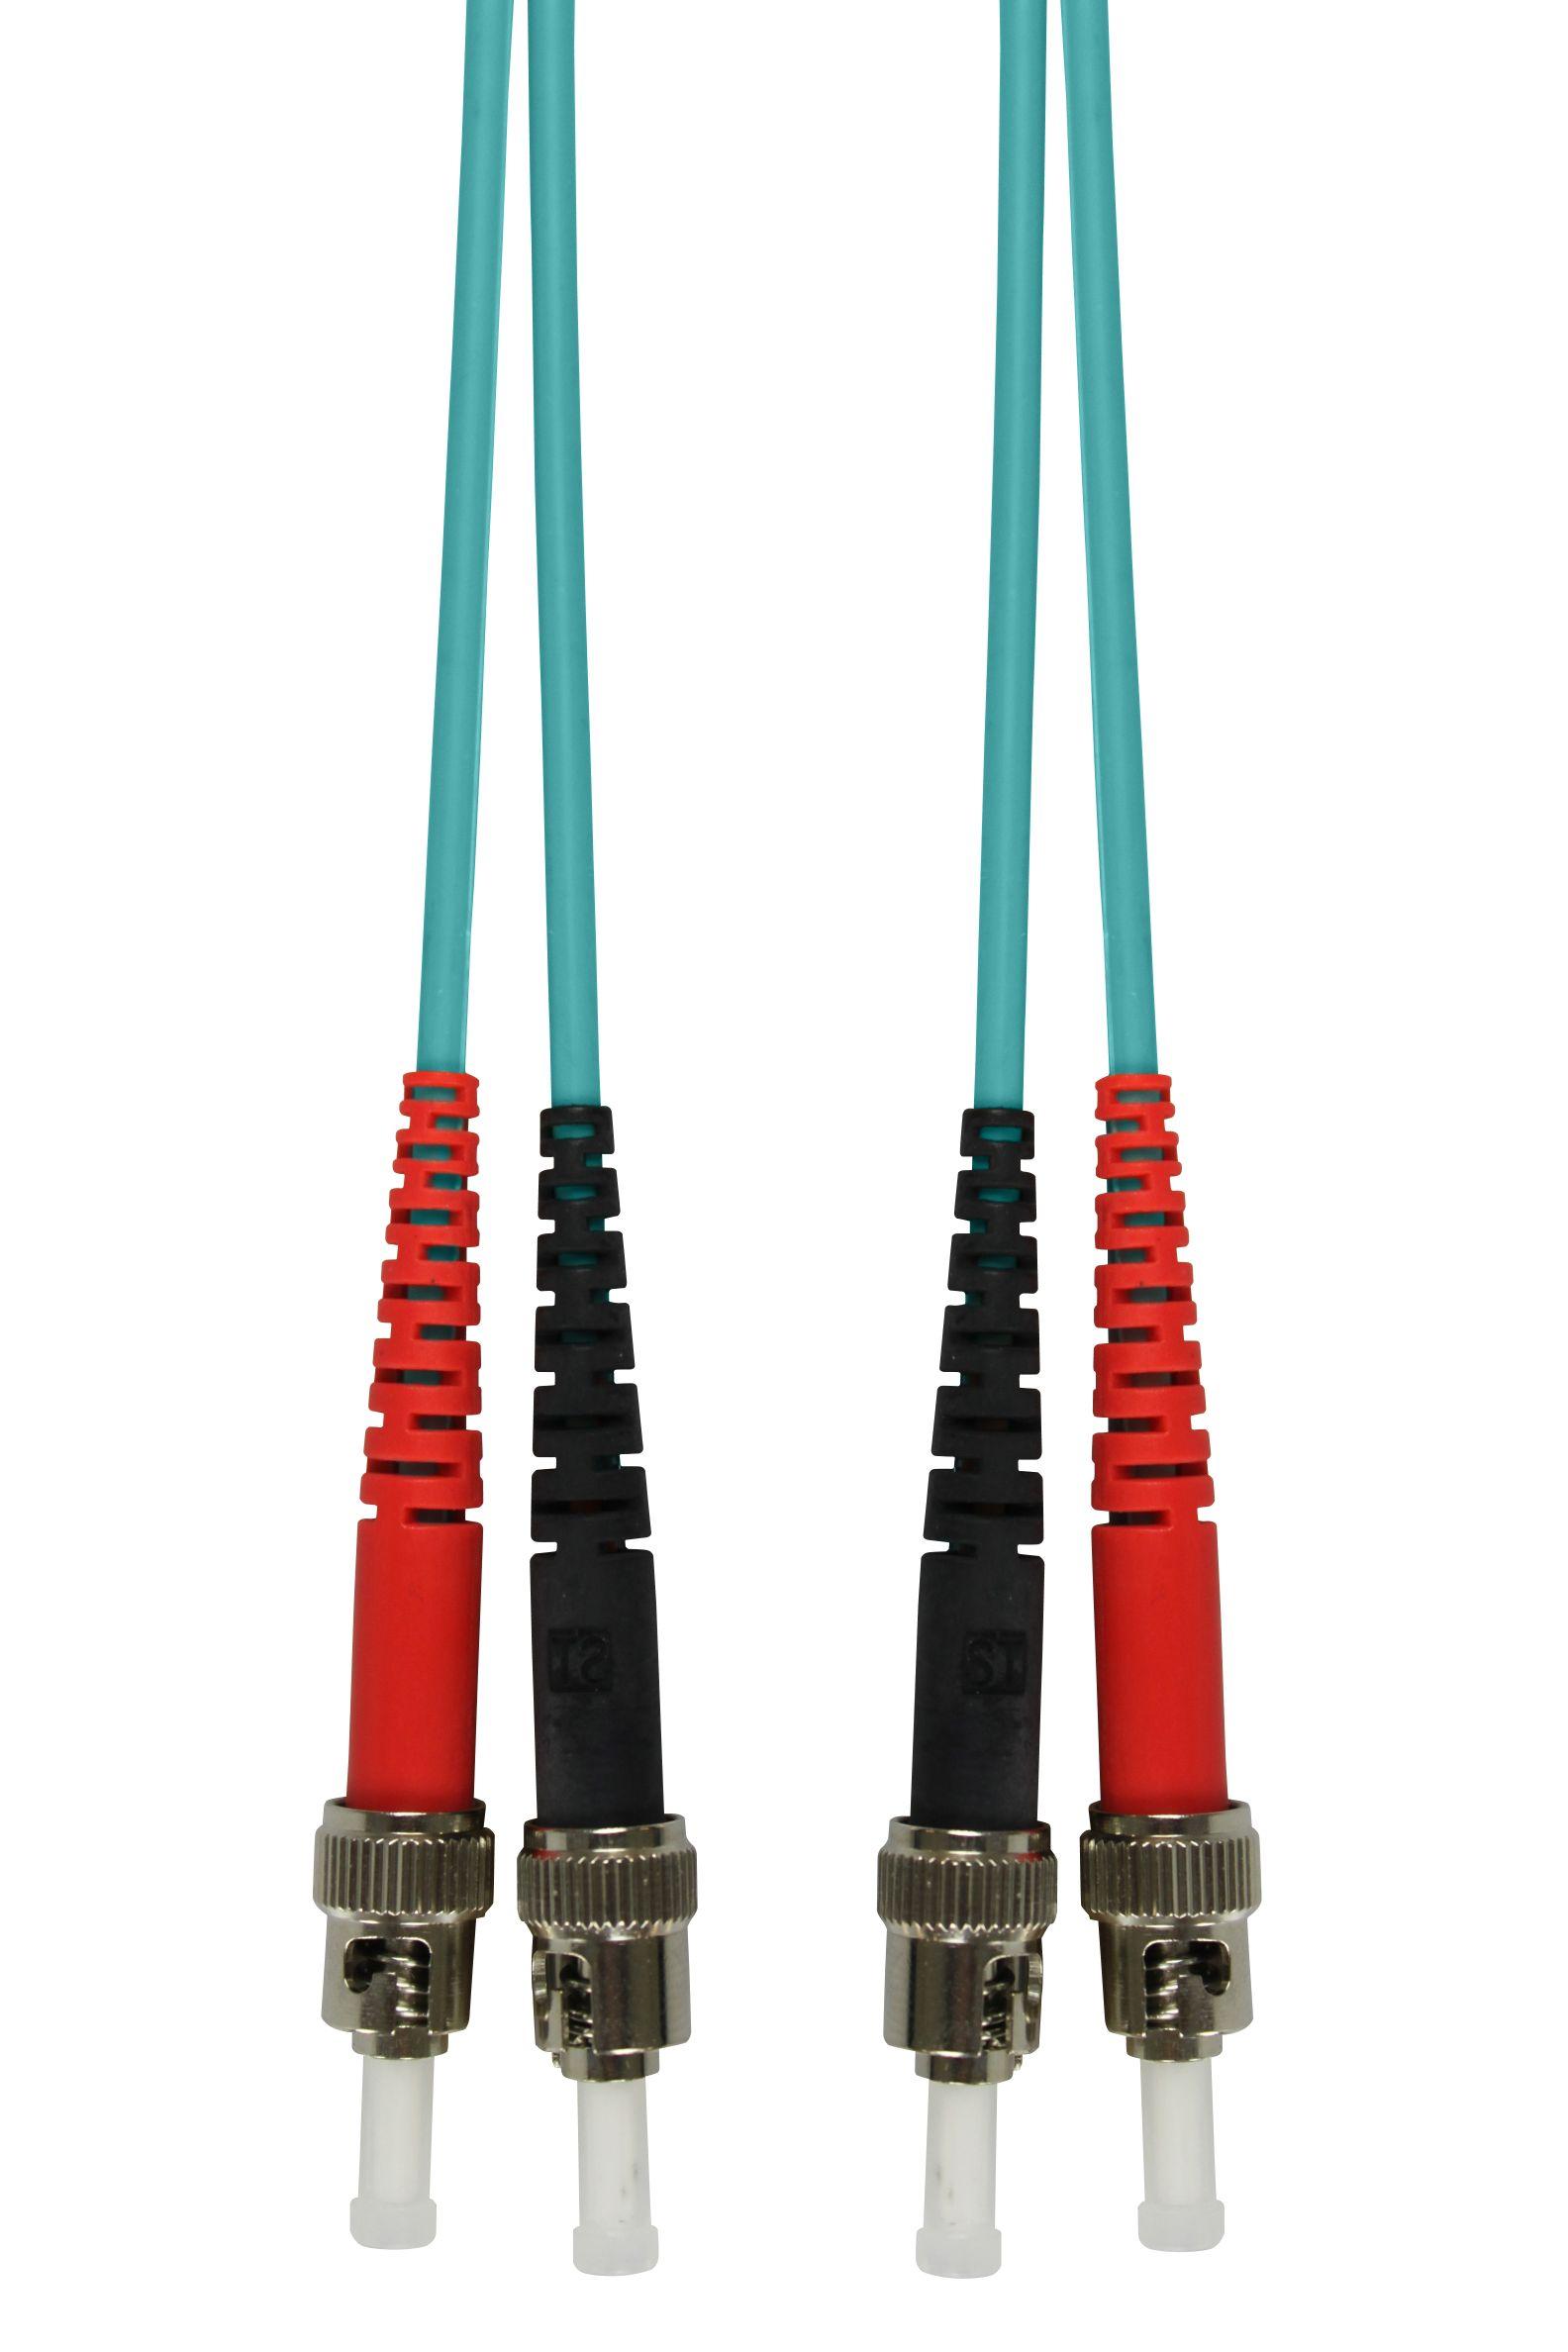 1 Stk LWL Patchkabel Duplex ST/ST,50/125µm OM3,LS0H-3,aqua, 5.0m HLP23TT05F